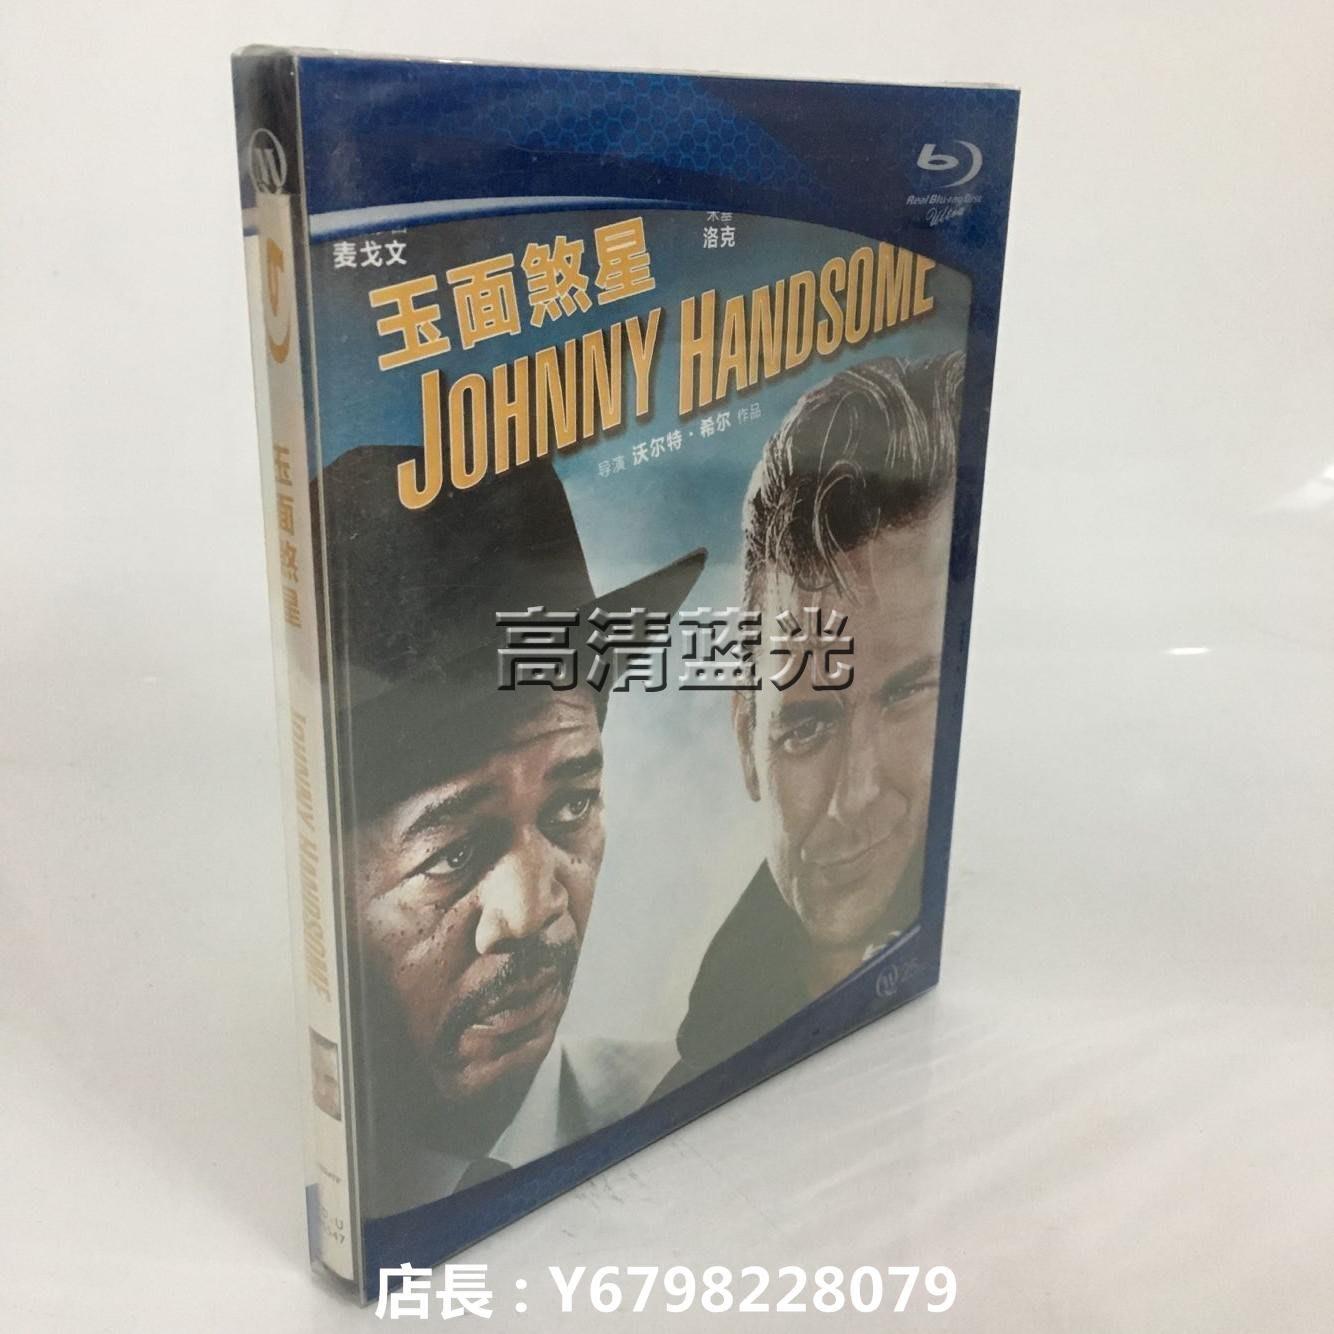 幸運高清DVD店 電影藍光光碟碟BD25玉面煞星 Johnny Handsome高清收藏版中字全新盒裝 兩套免運